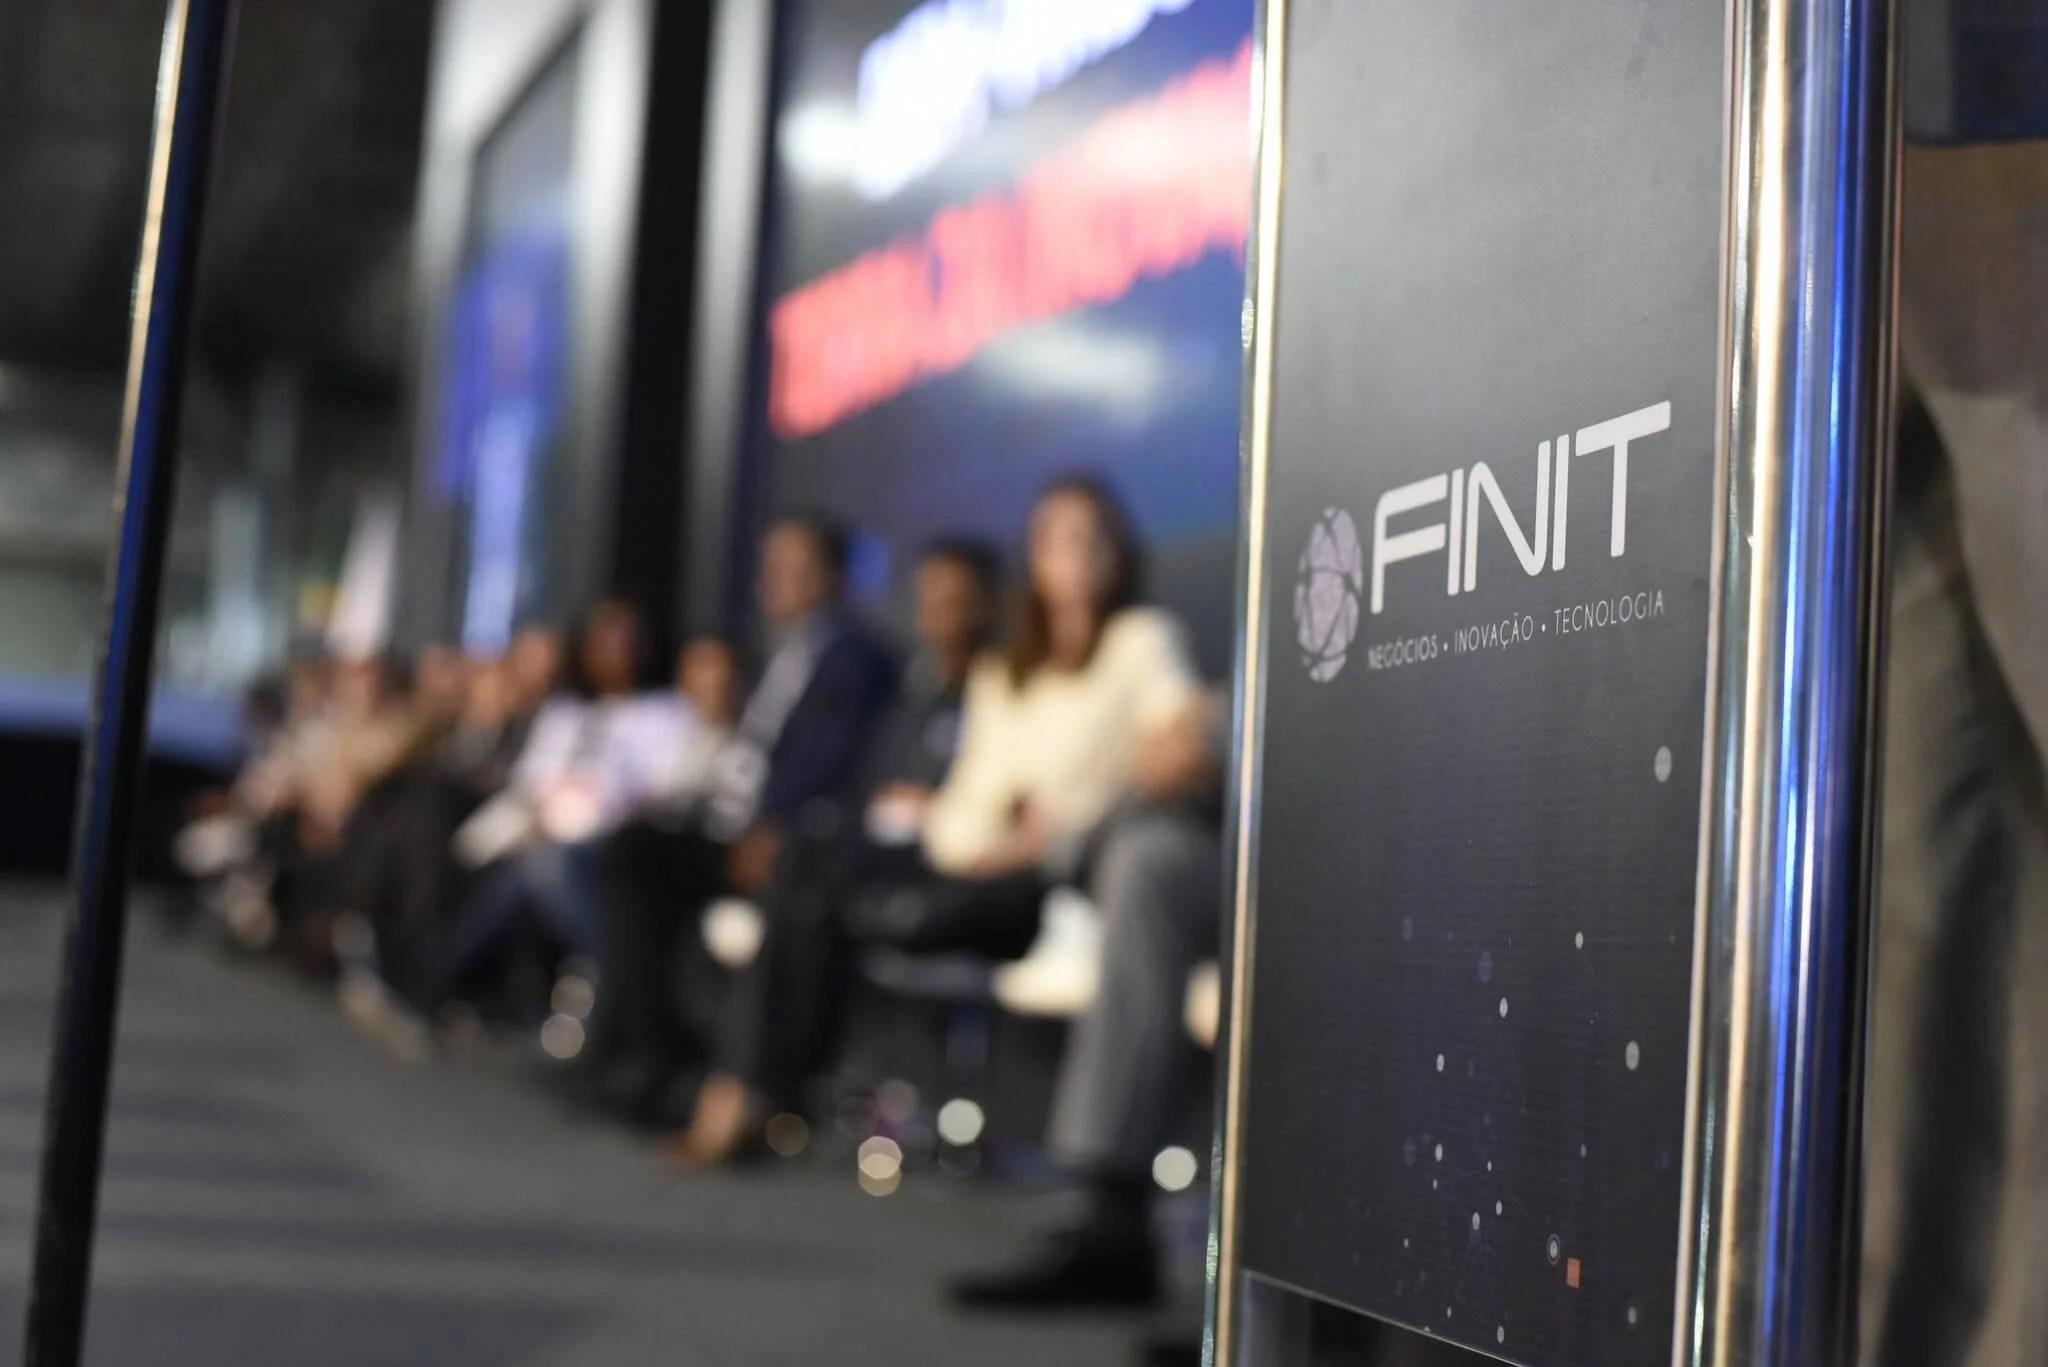 24237396628 ddc00f62c2 k - FINIT: conheça a maior feira de inovação da América Latina